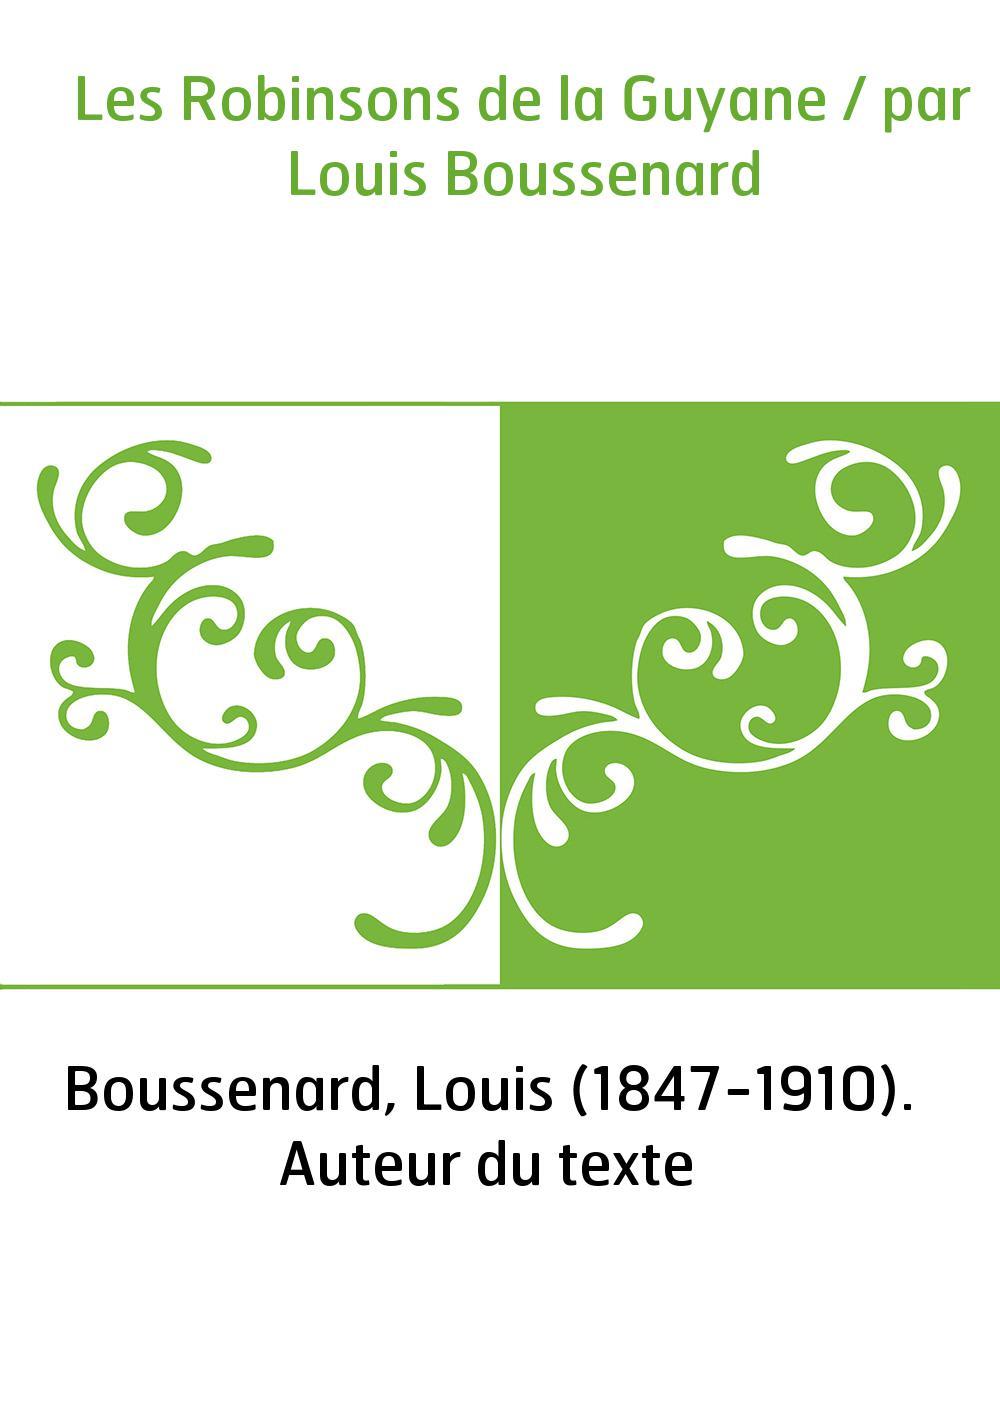 Les Robinsons de la Guyane / par Louis Boussenard